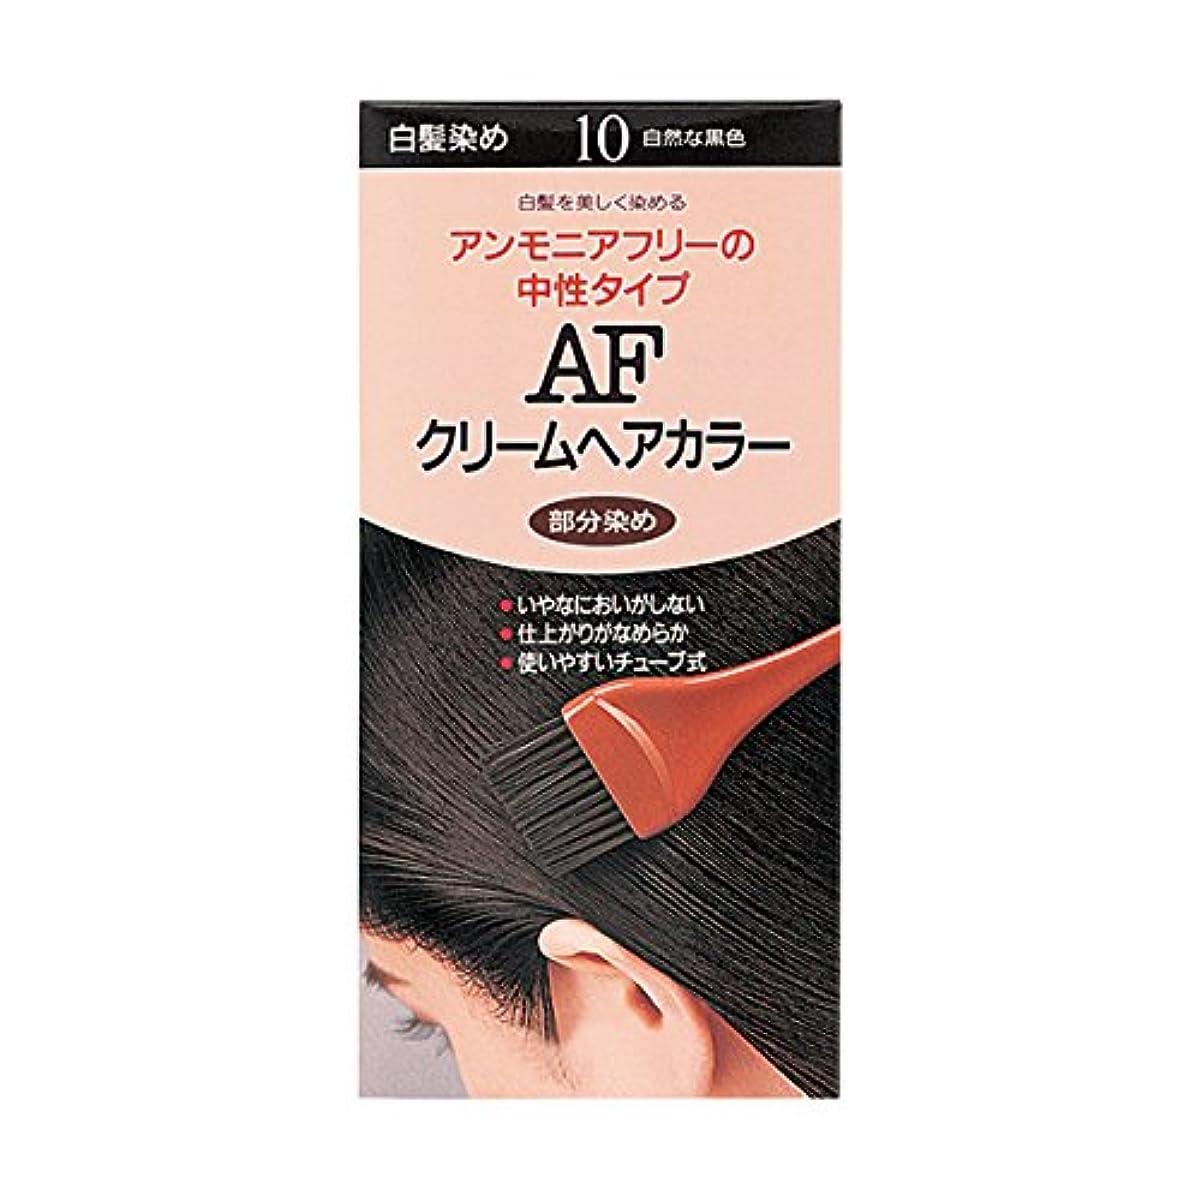 パートナーデータム文明化するヘアカラー AFクリームヘアカラー 10 【医薬部外品】